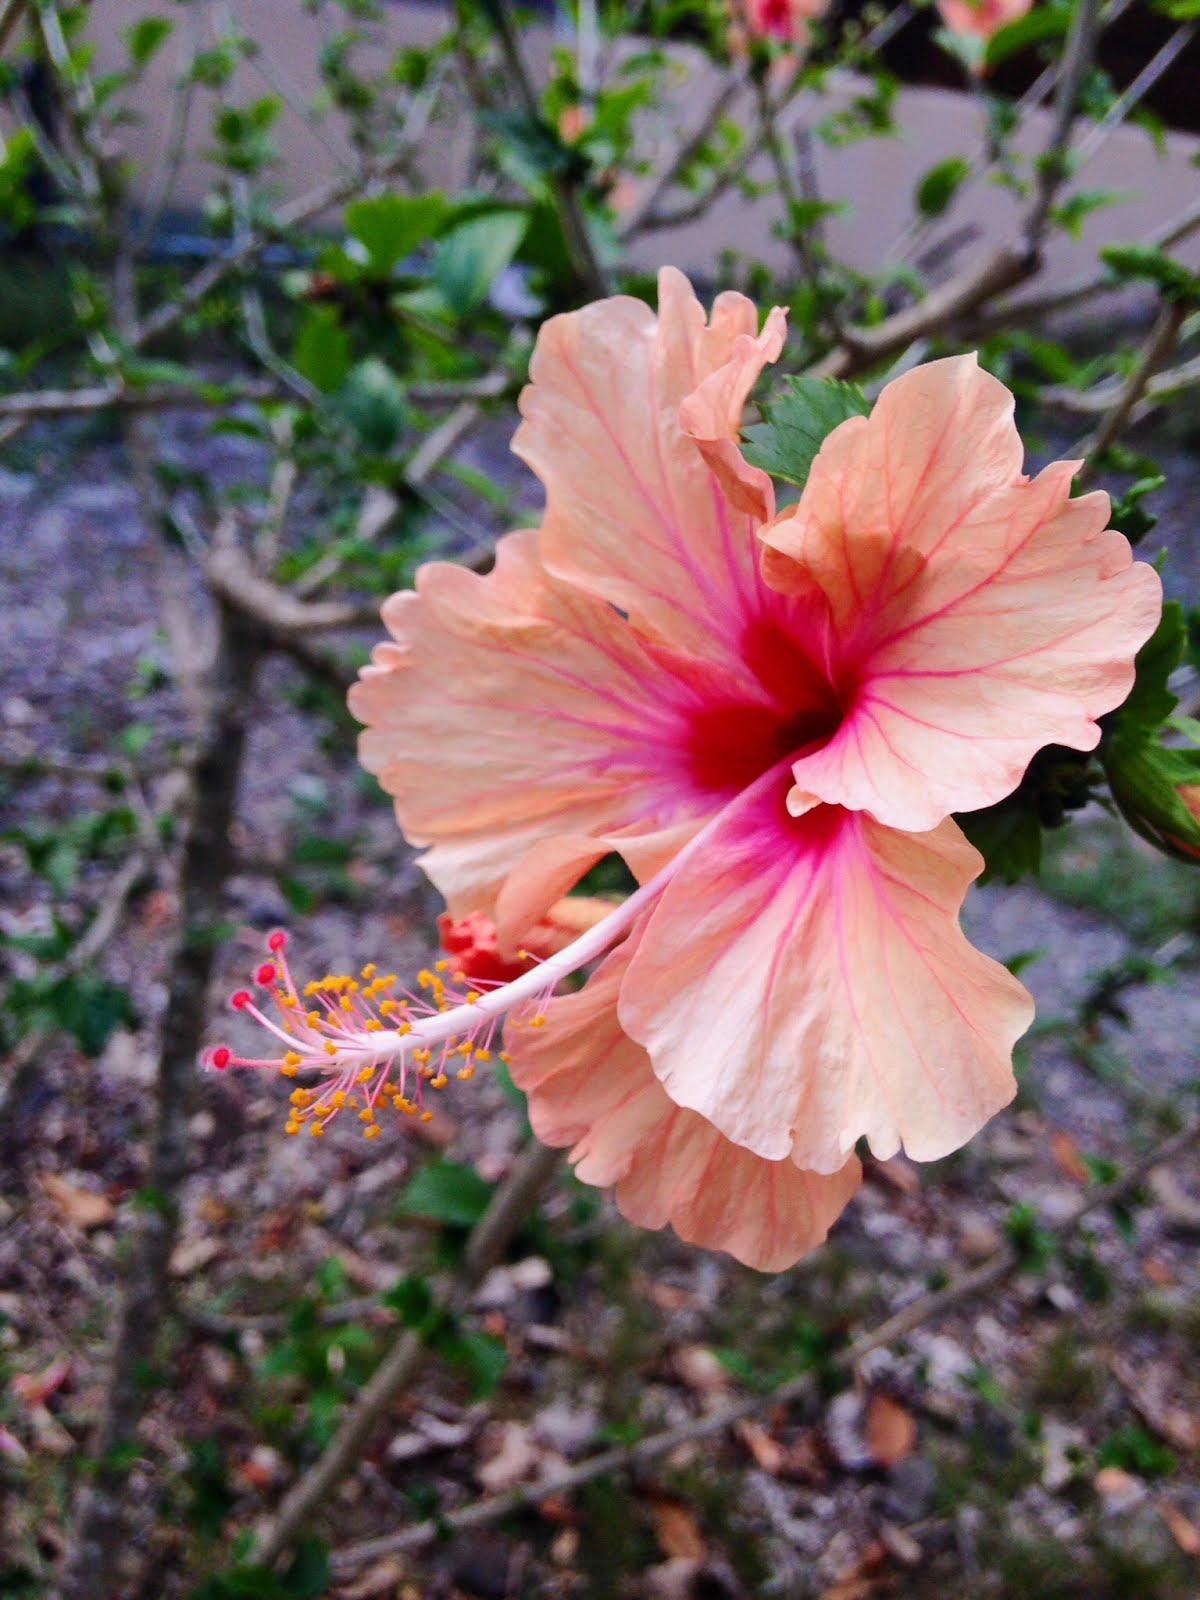 la flore et les hibiscus en martinique